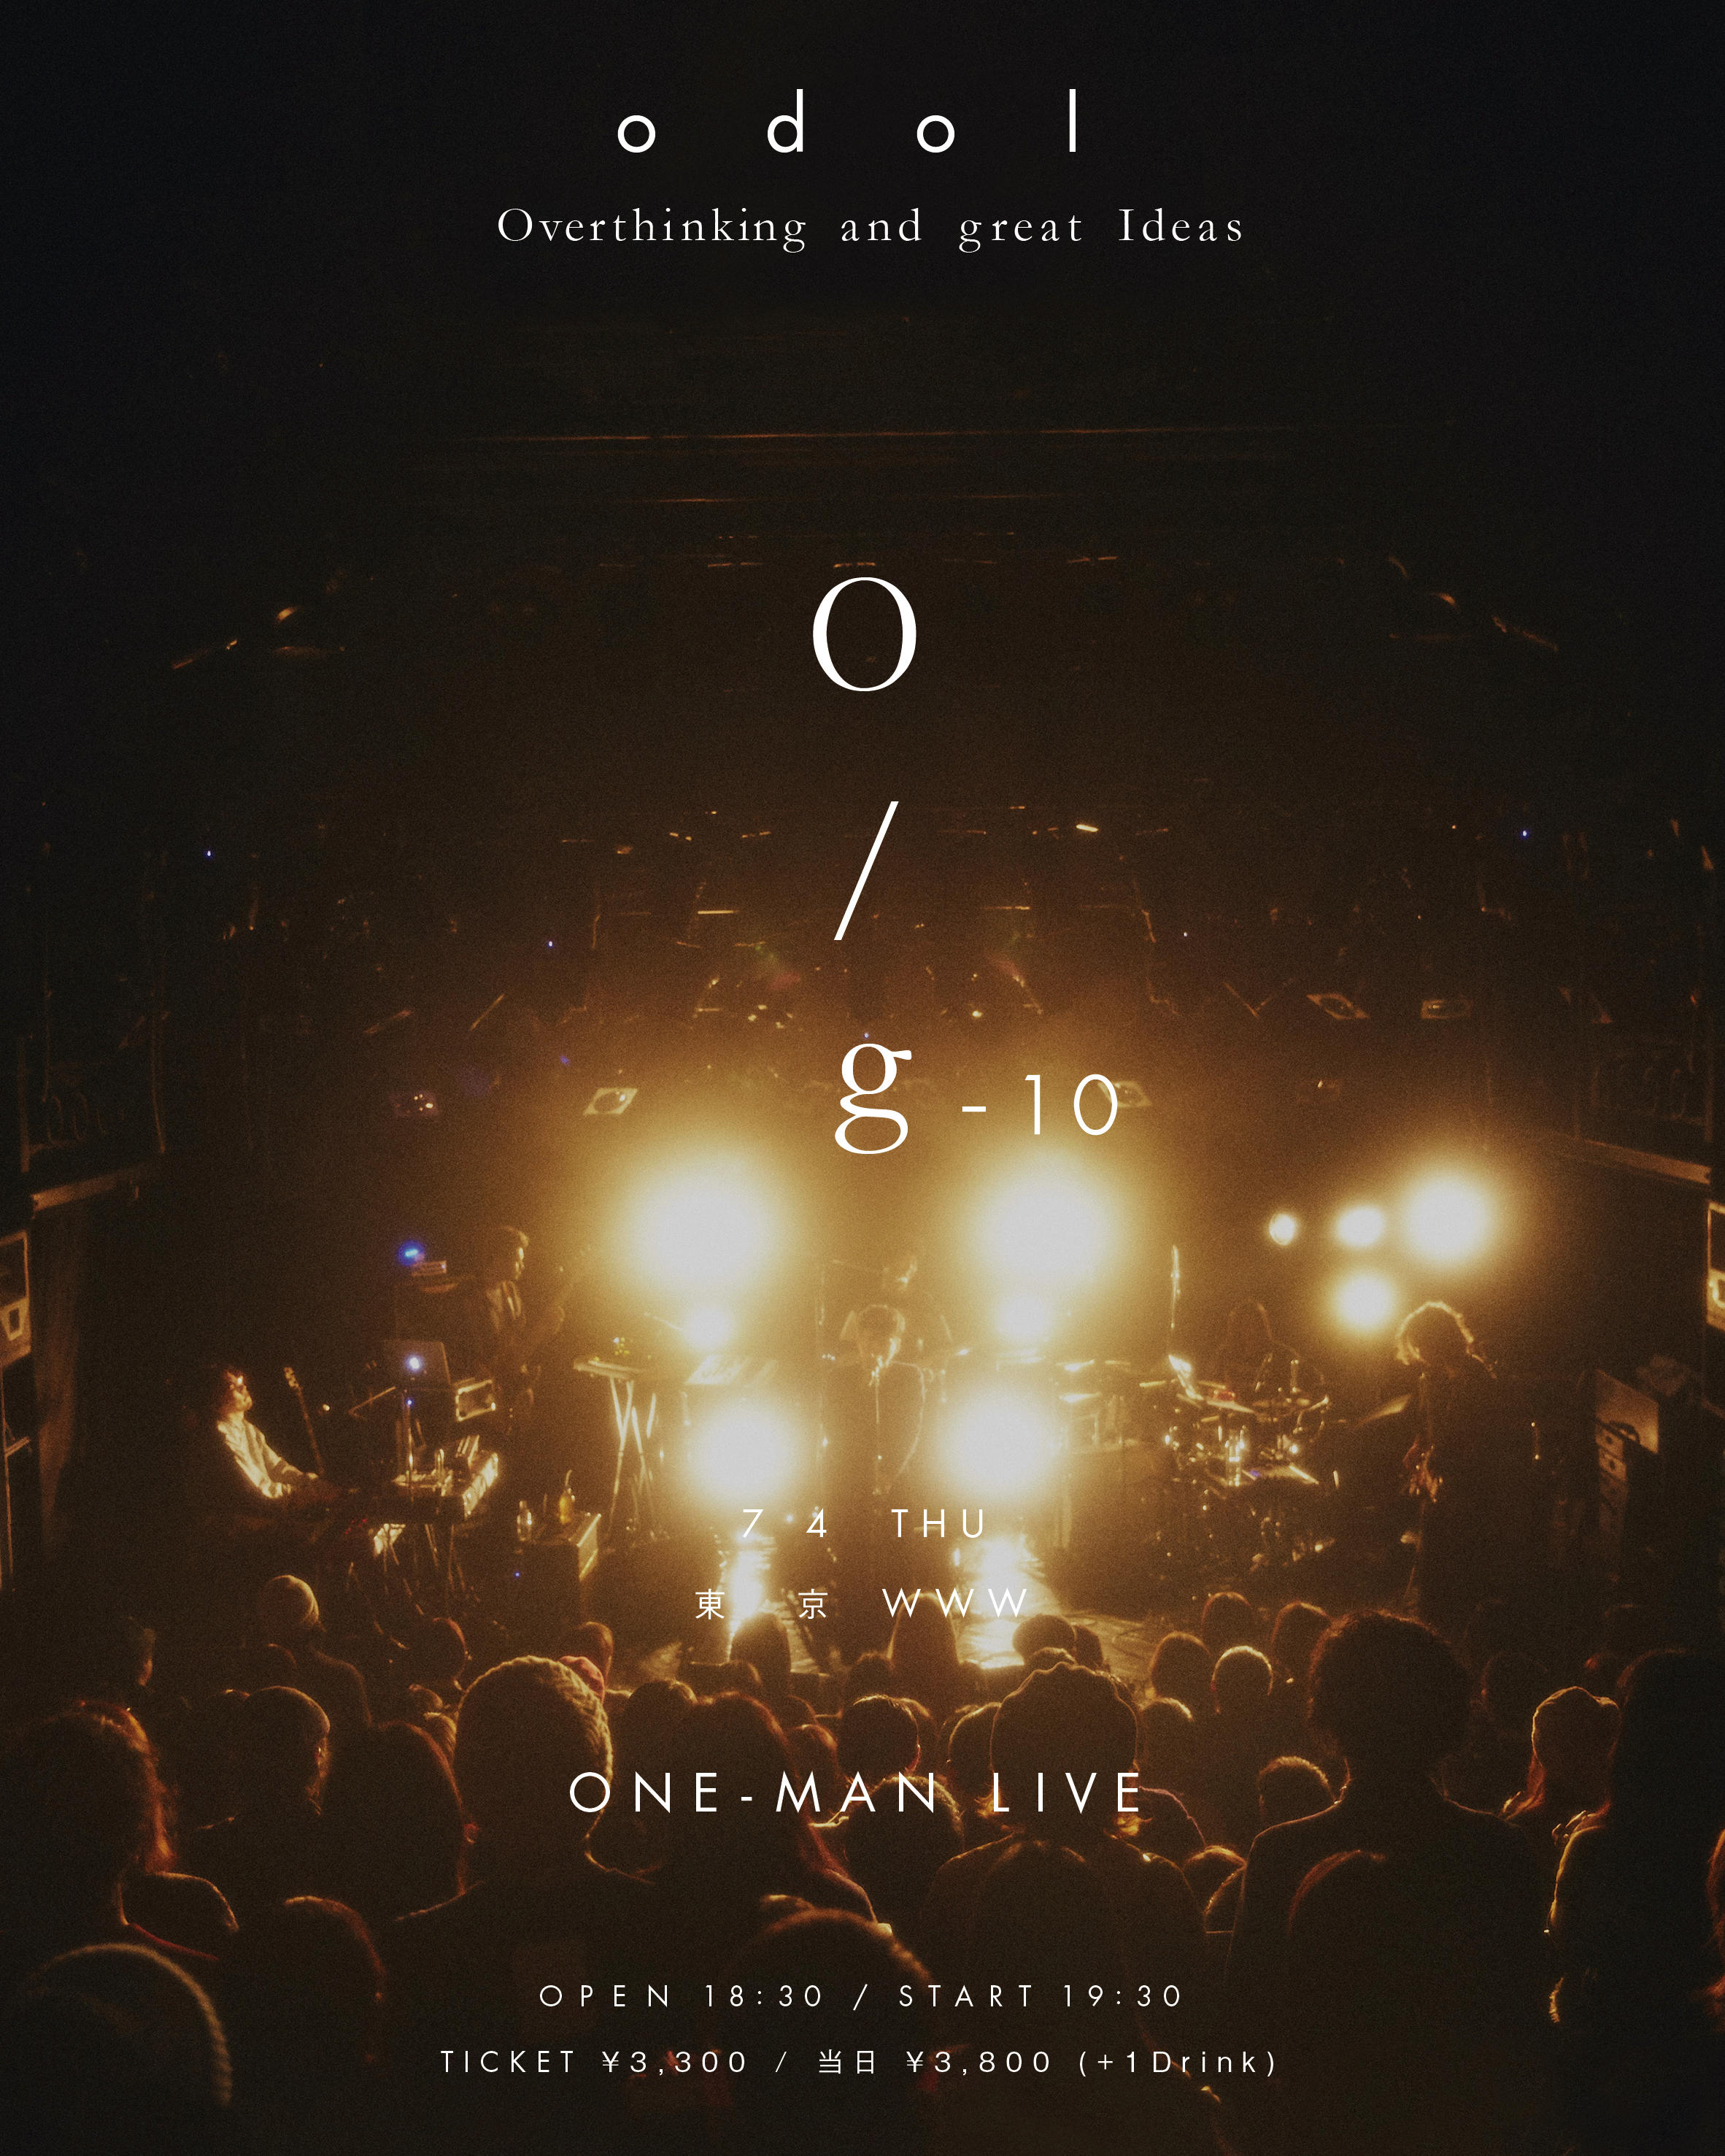 odol_og_cover_inst_ok_matome8-_10.jpg